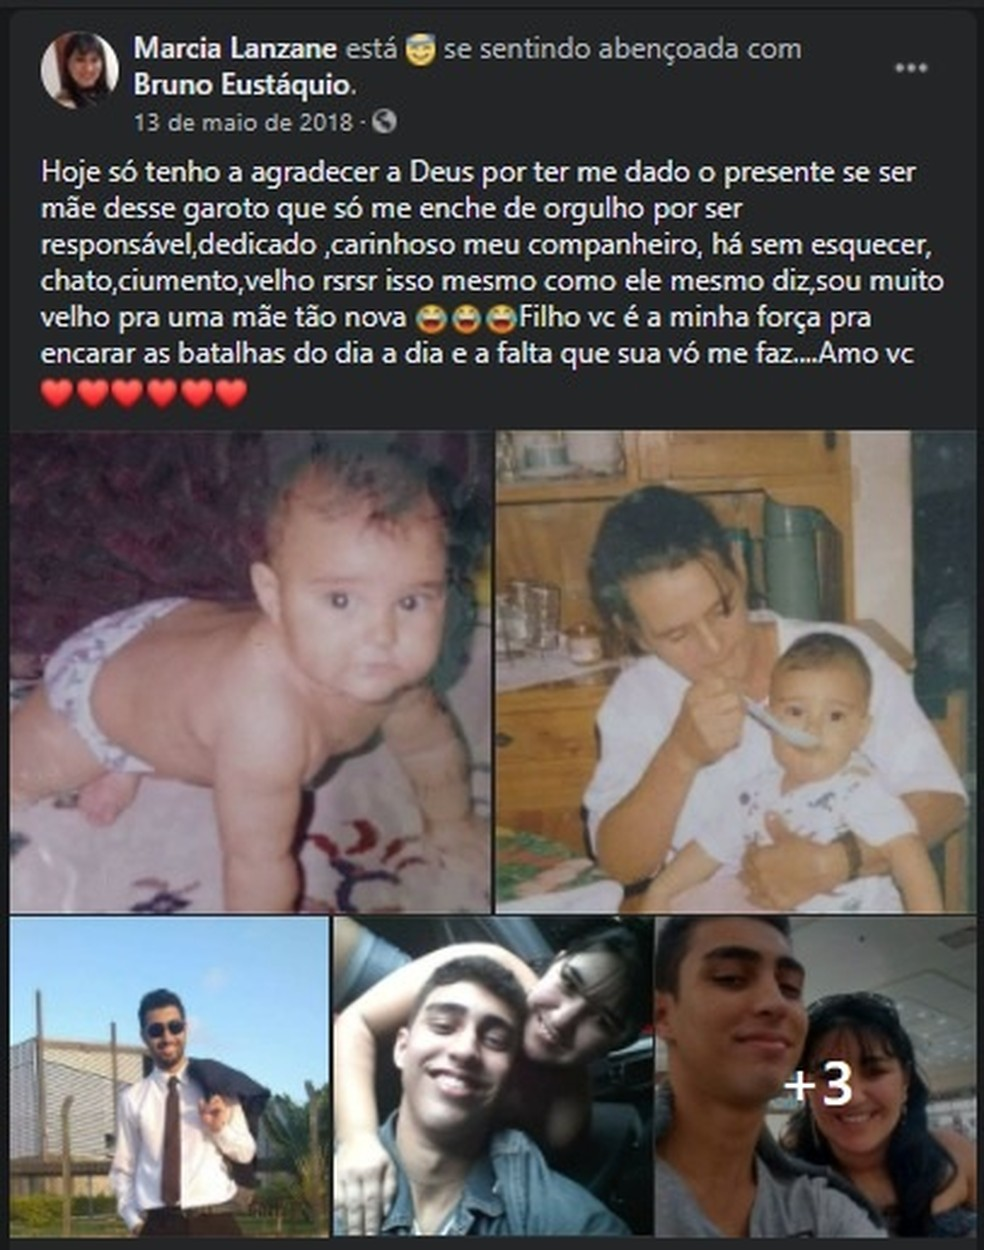 Márcia fazia postagem nas redes sociais em homenagem ao filho, a foto mostra uma das publicações, feita em 2018 — Foto: Reprodução/Facebook